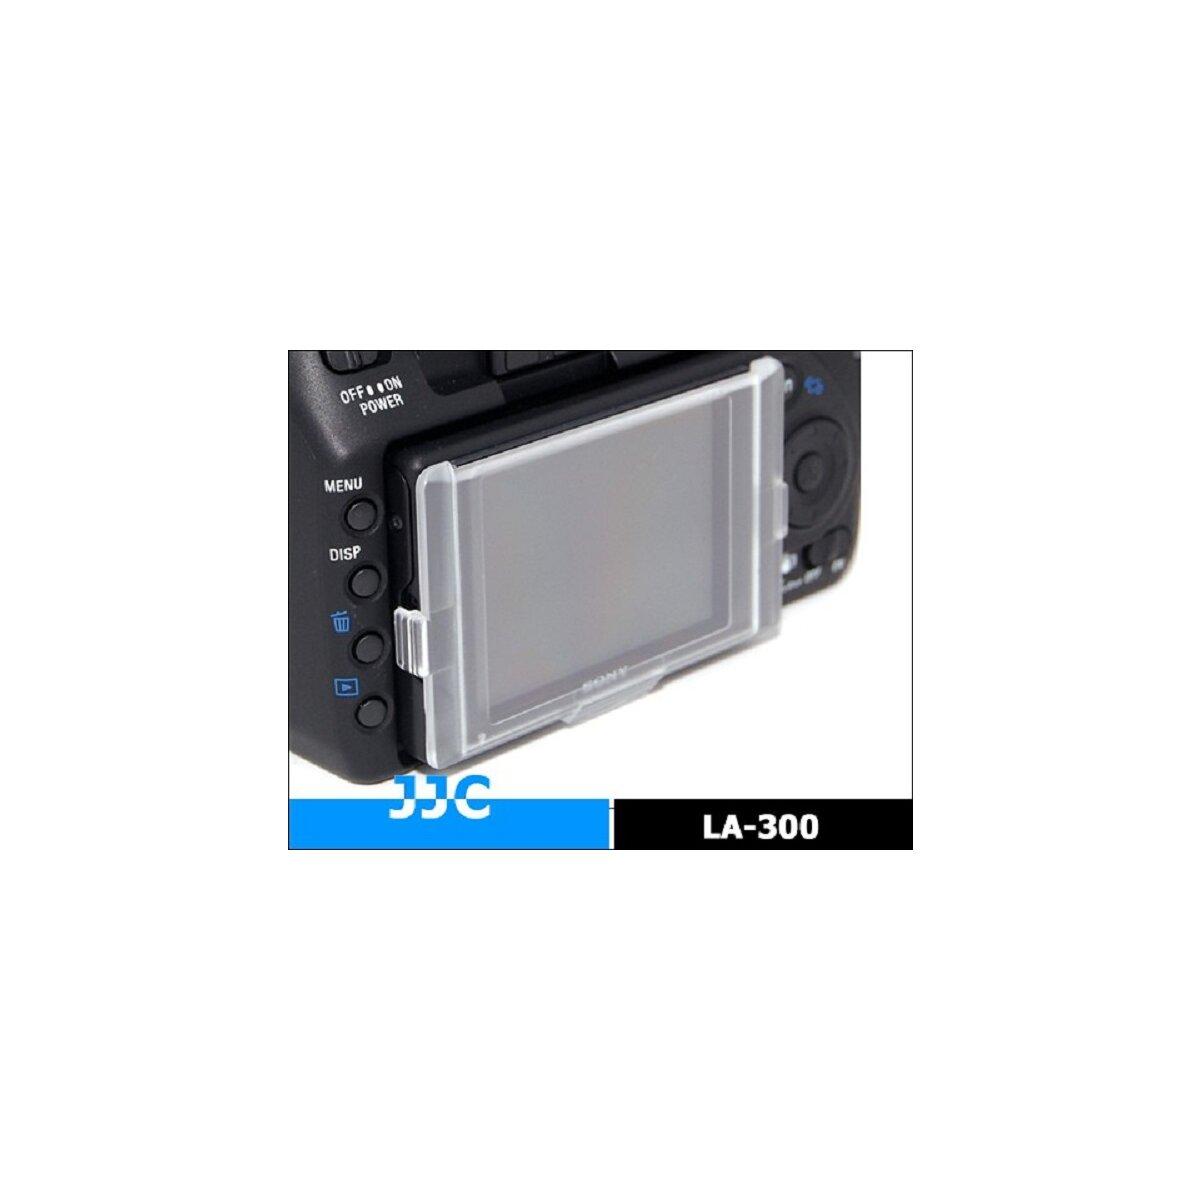 Displayschutz kompatibel für Sony A300, A350 - LCD ** Monitorschutz - Schutzabdeckung- Cover- Bildschirmschutz-Monitorschutzkappe